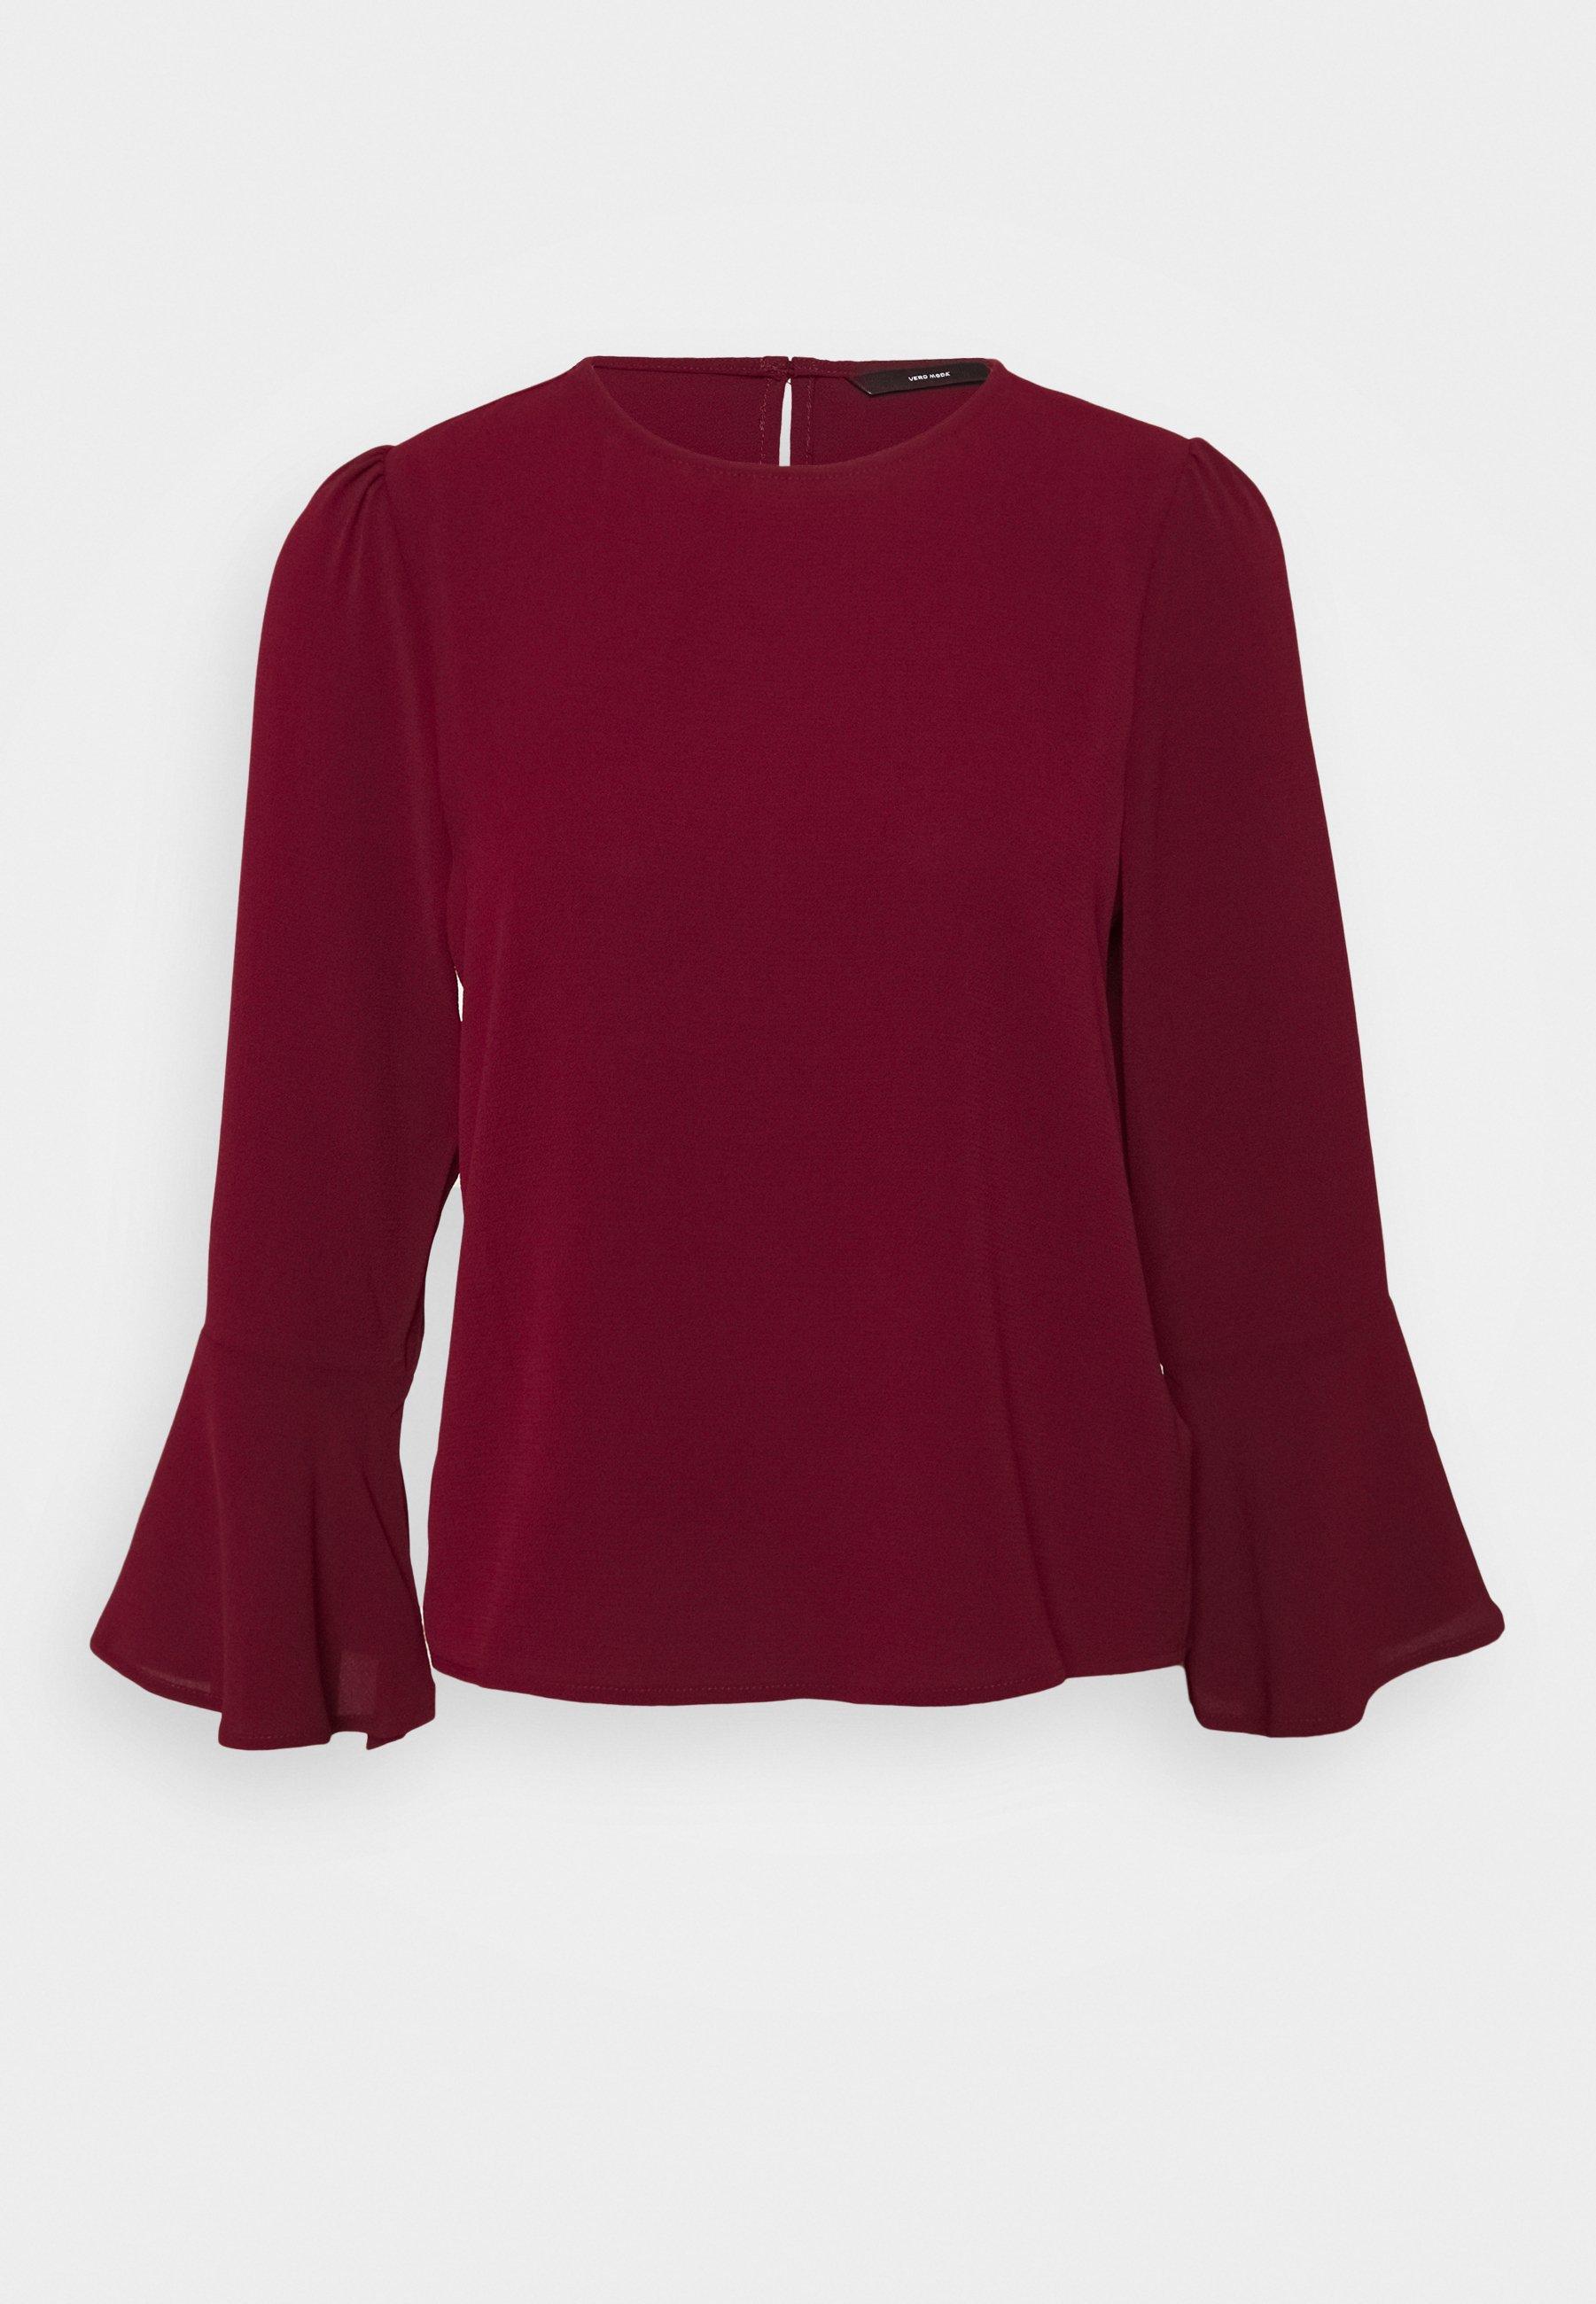 Blusar & skjortor | Dam Storlek 34 | Köp blusar & skjortor